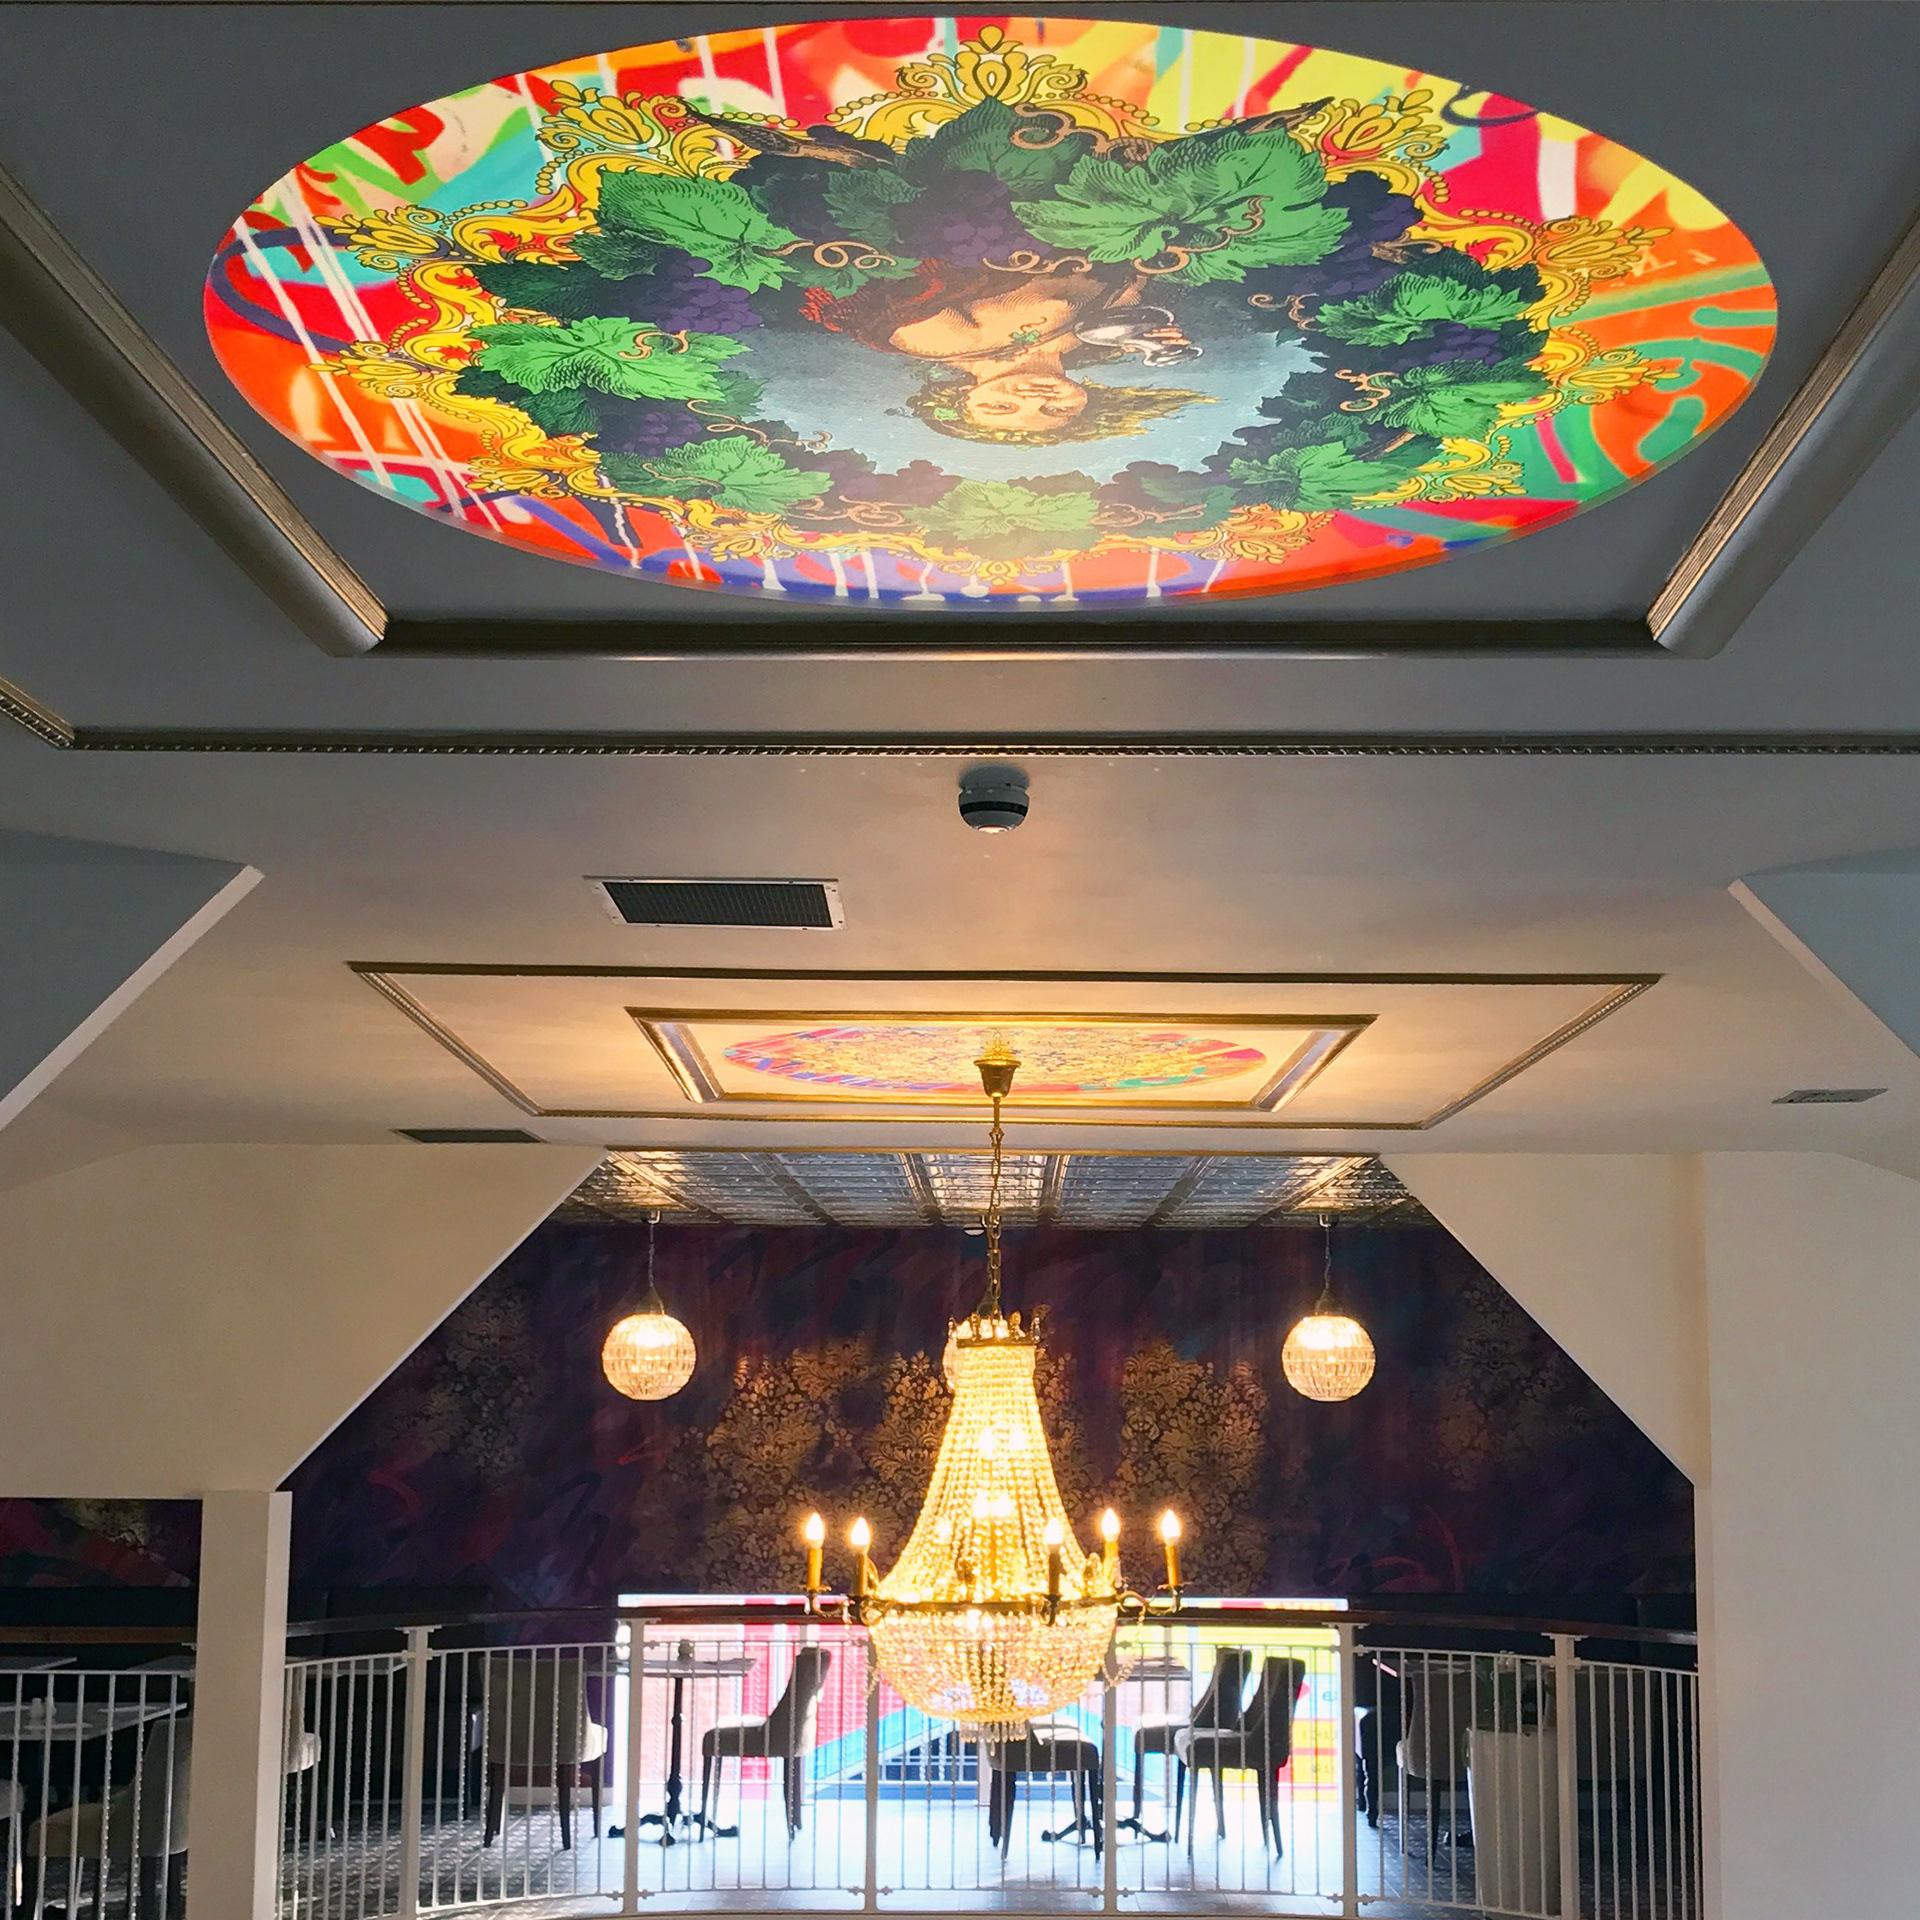 海滨餐厅环境图形设计©Soulful Creative